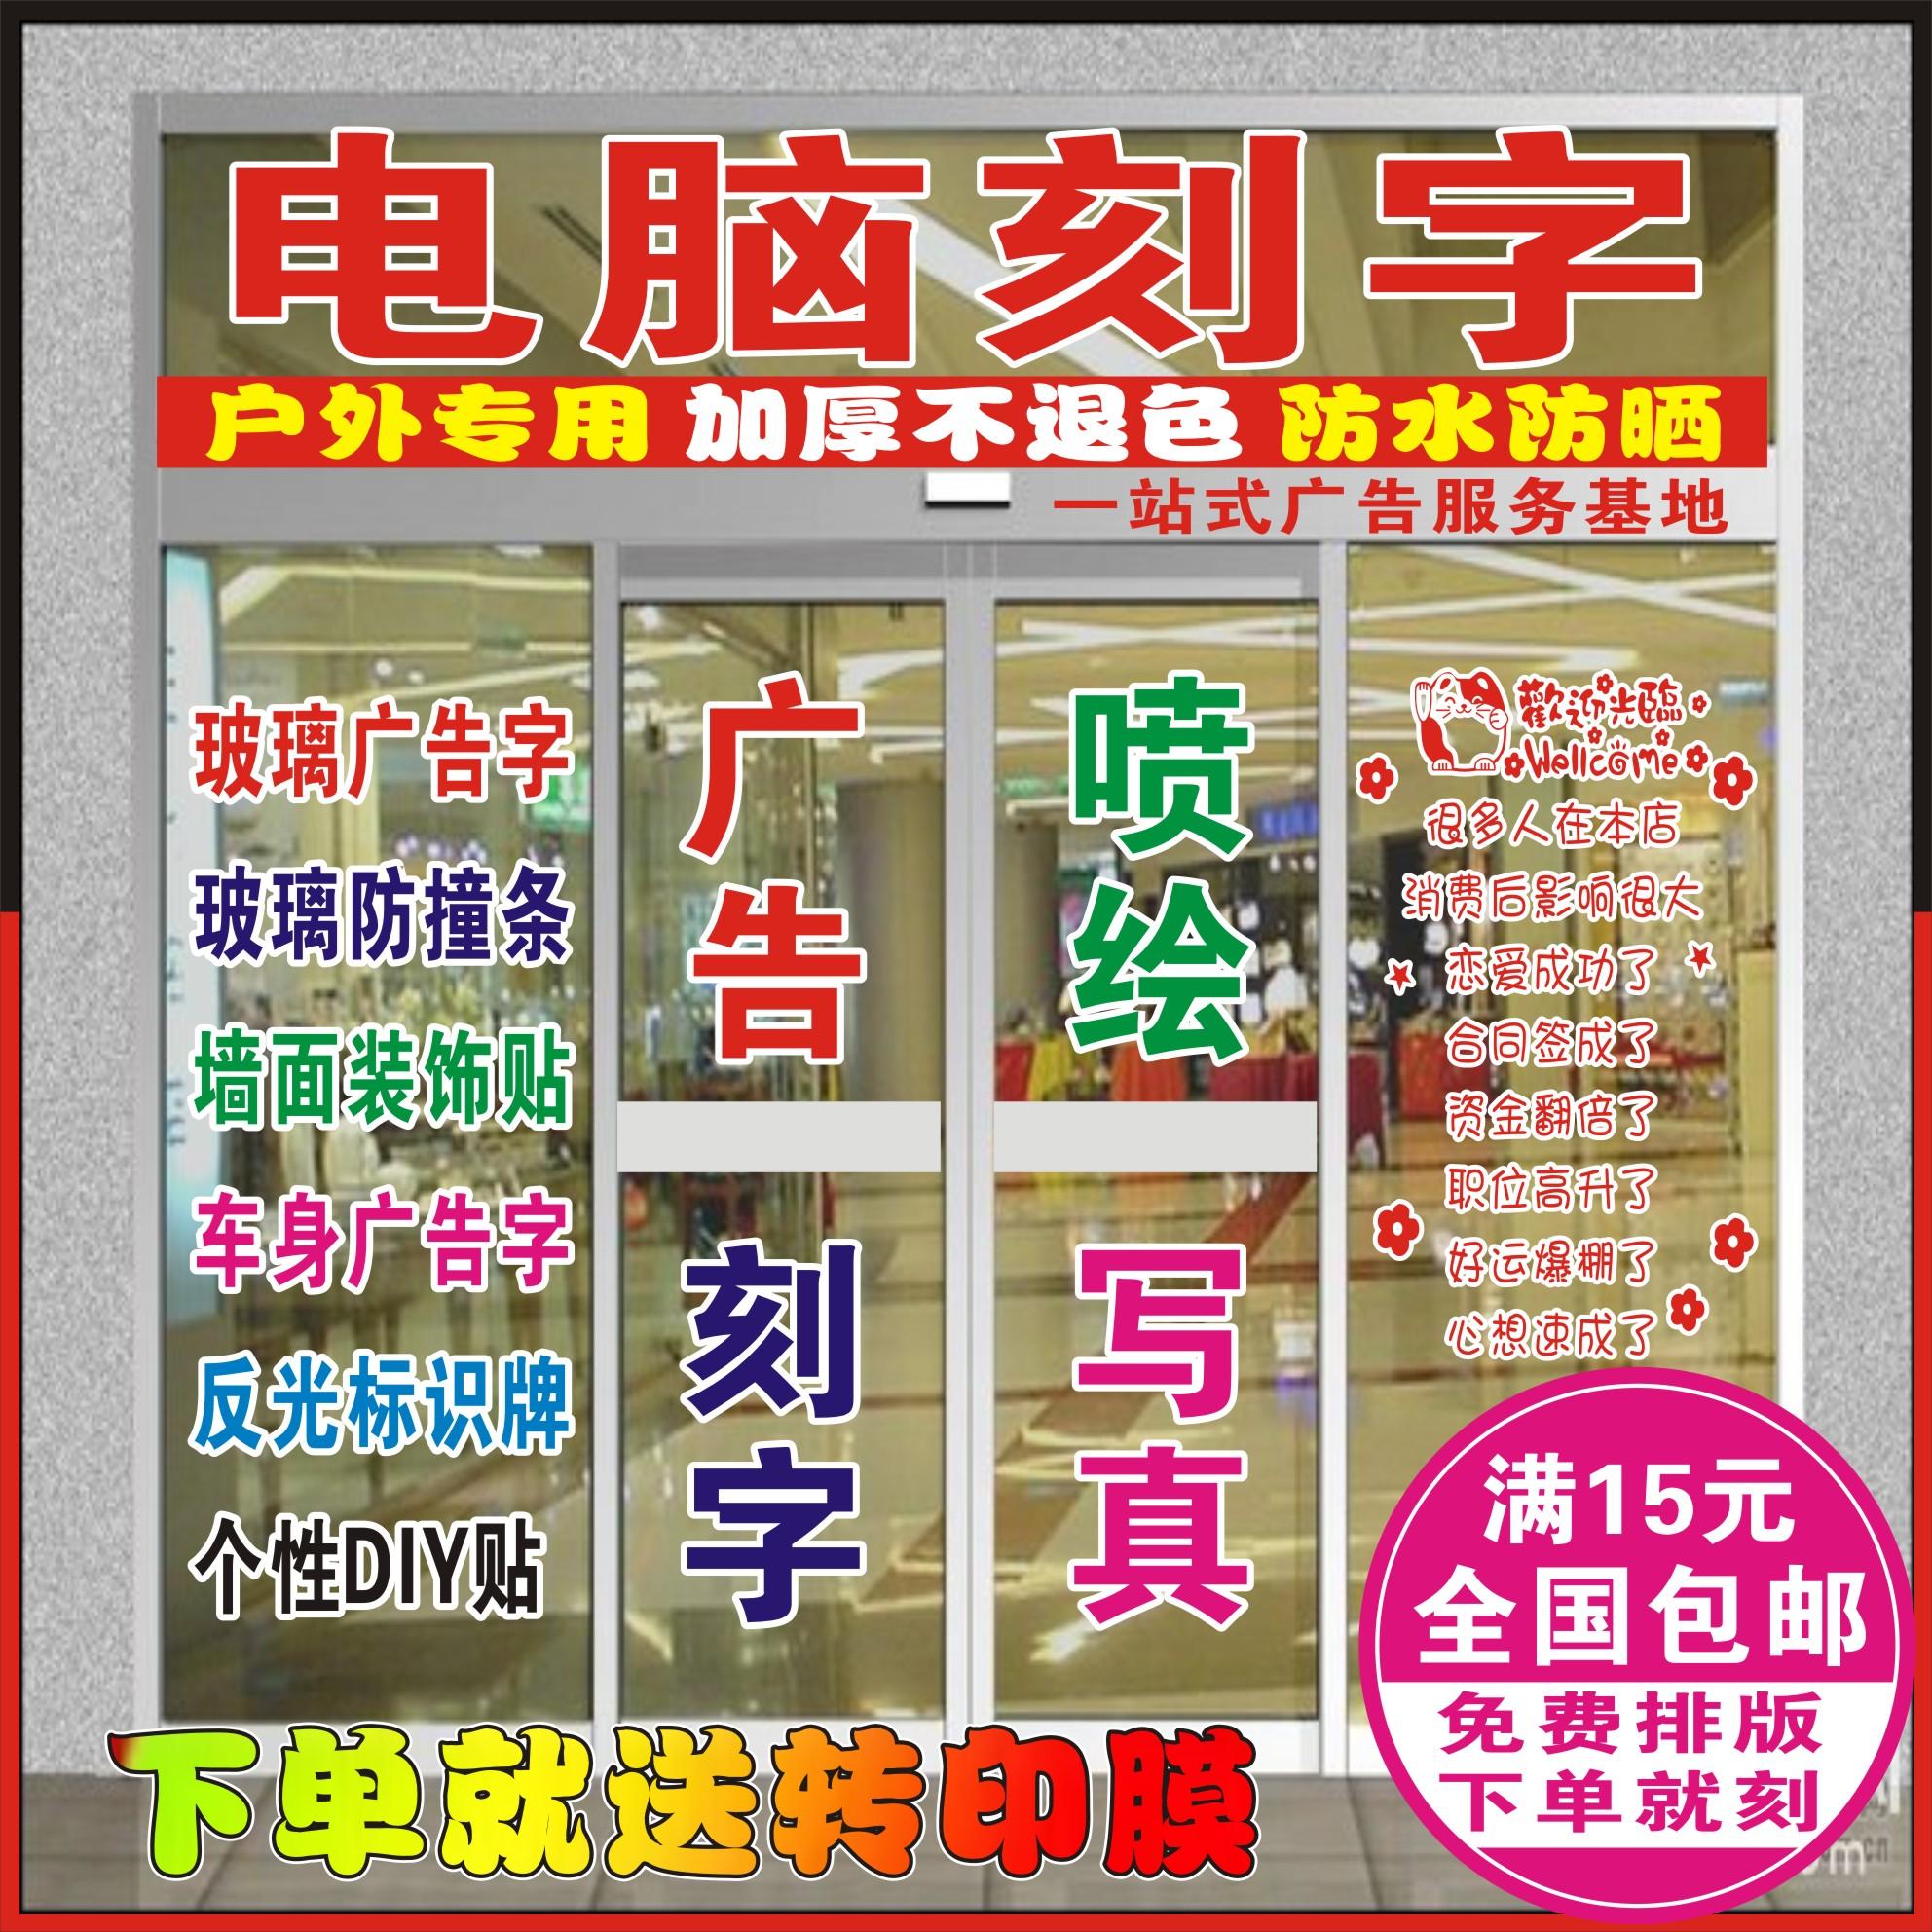 Индивидуальная реклама слово Шкаф для стикеров окно стекло дверь Липкая записка талии слово Самоклеющаяся компьютерная гравировка слово изготовленный на заказ